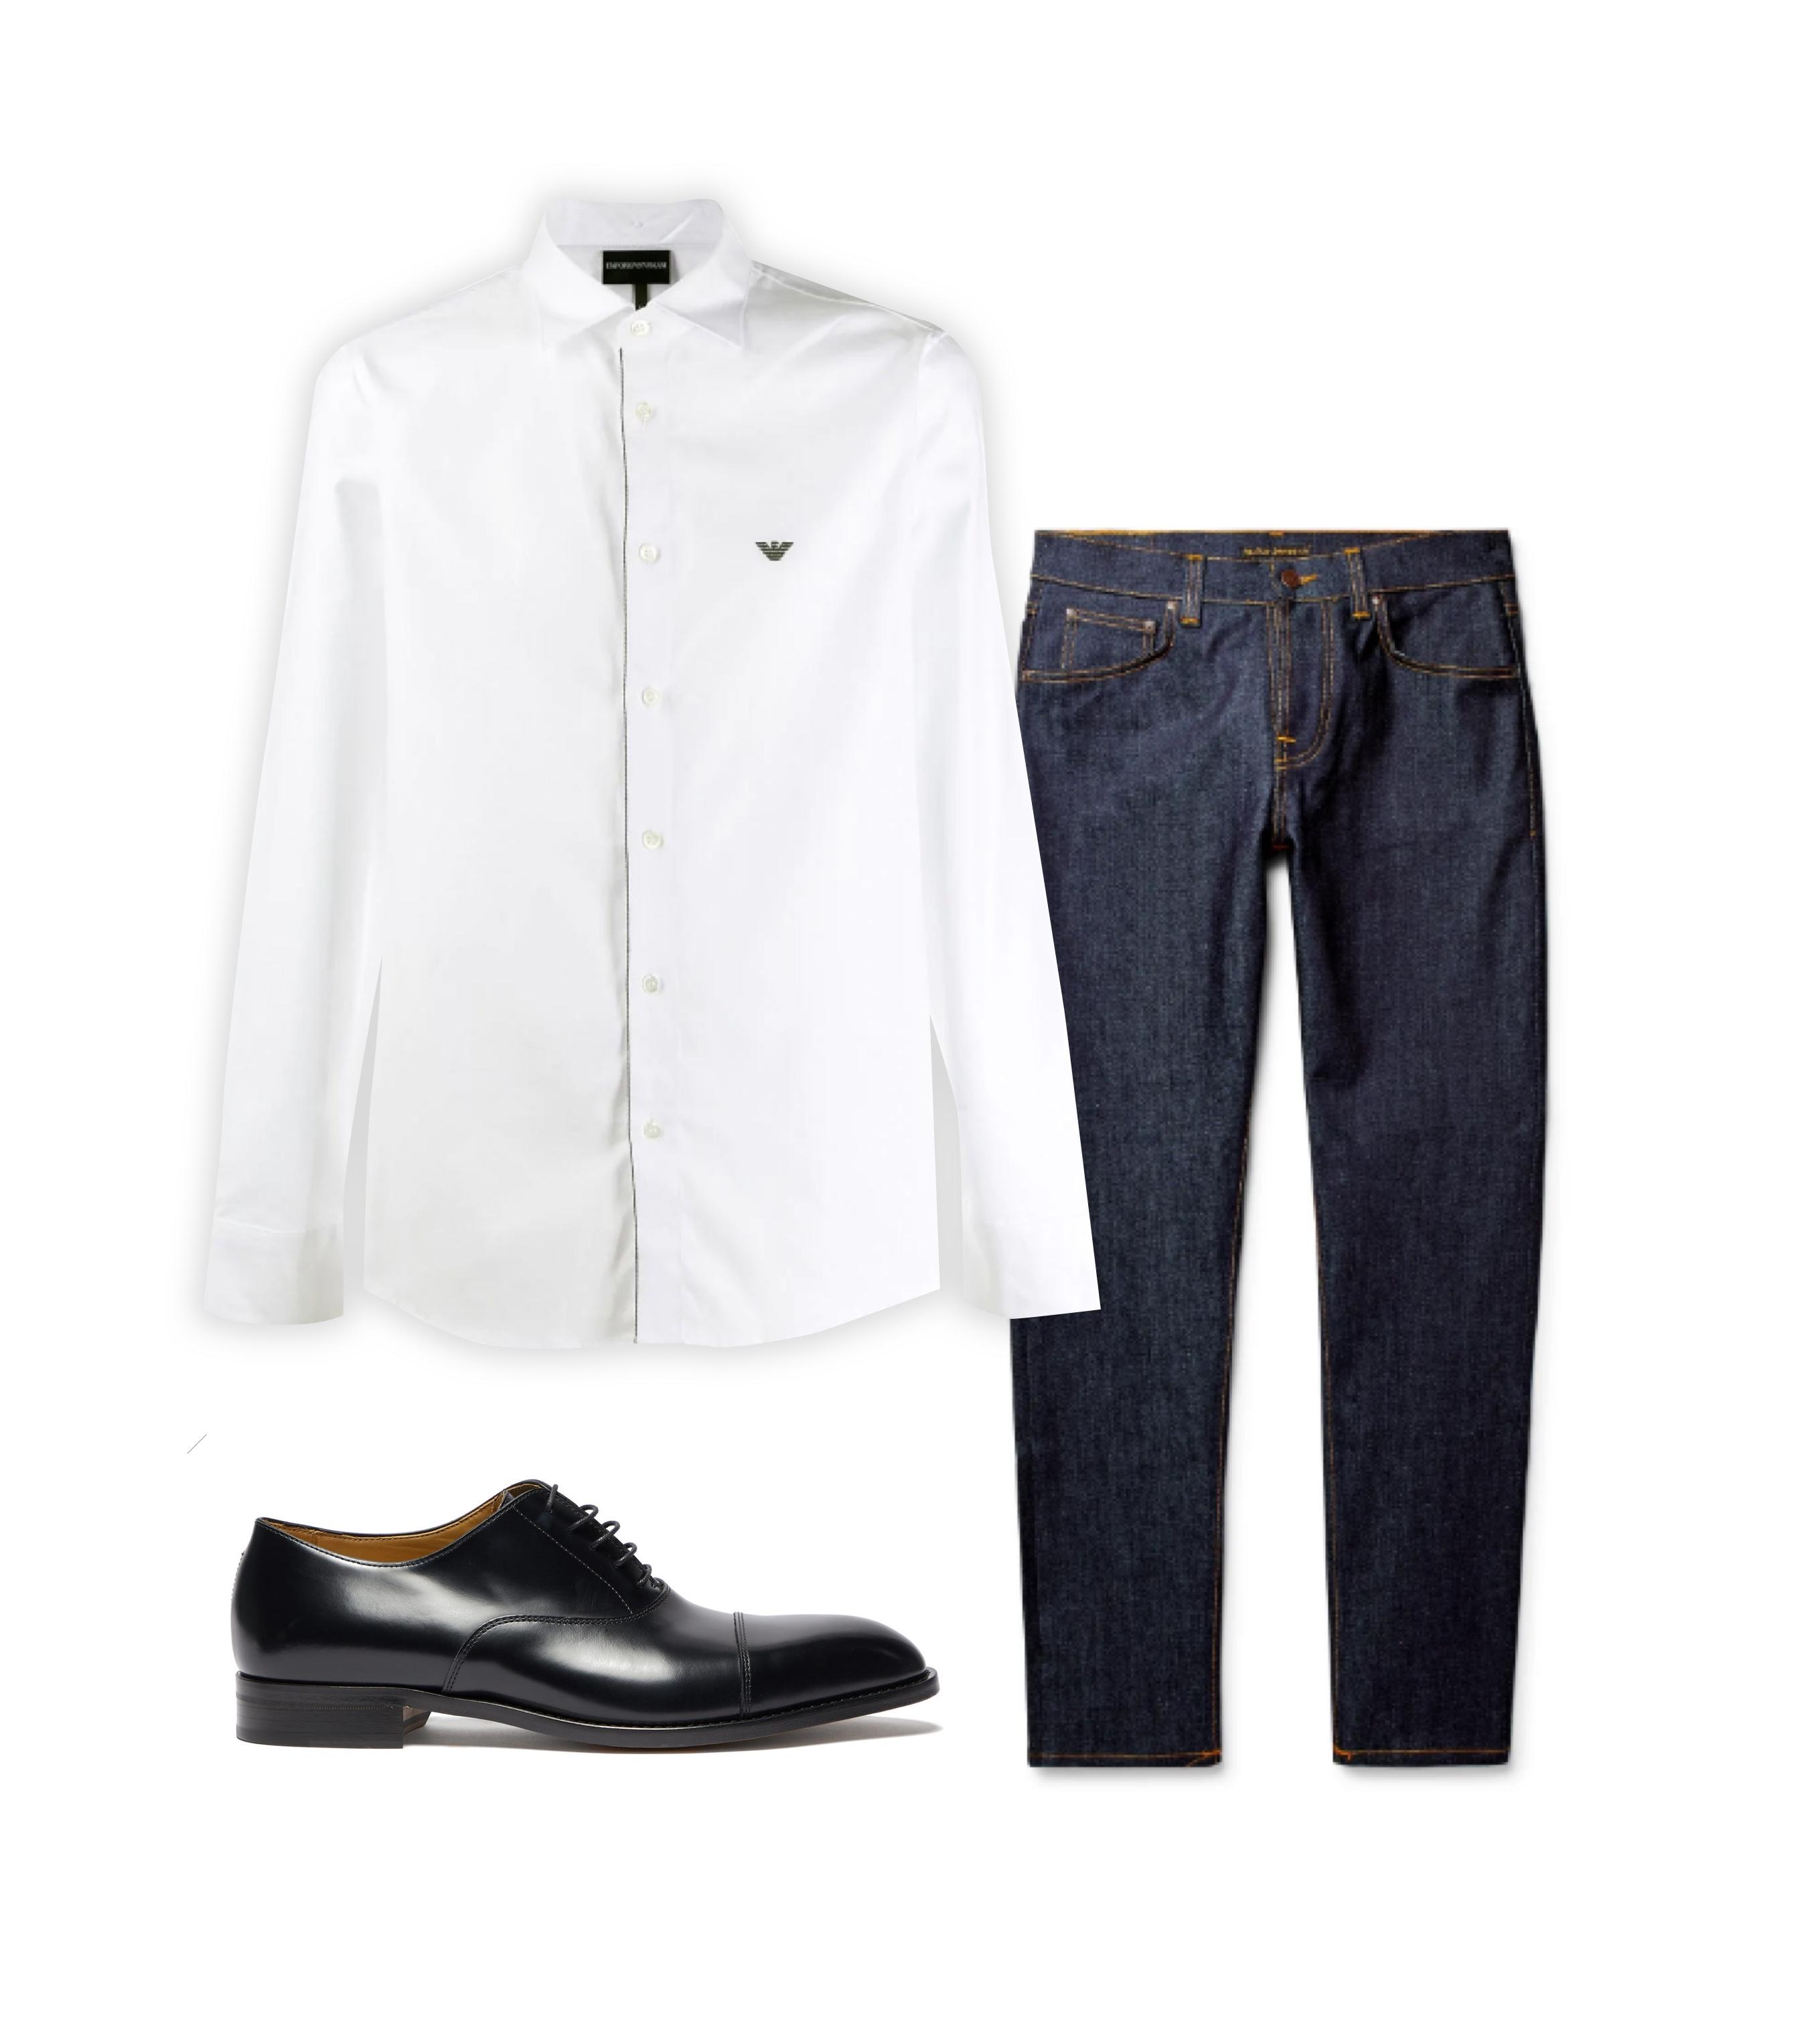 Джинсы Nudie Jeans, €95; рубашка Emporio Armani, 9404 рублей; обувь Paul Smith, $430